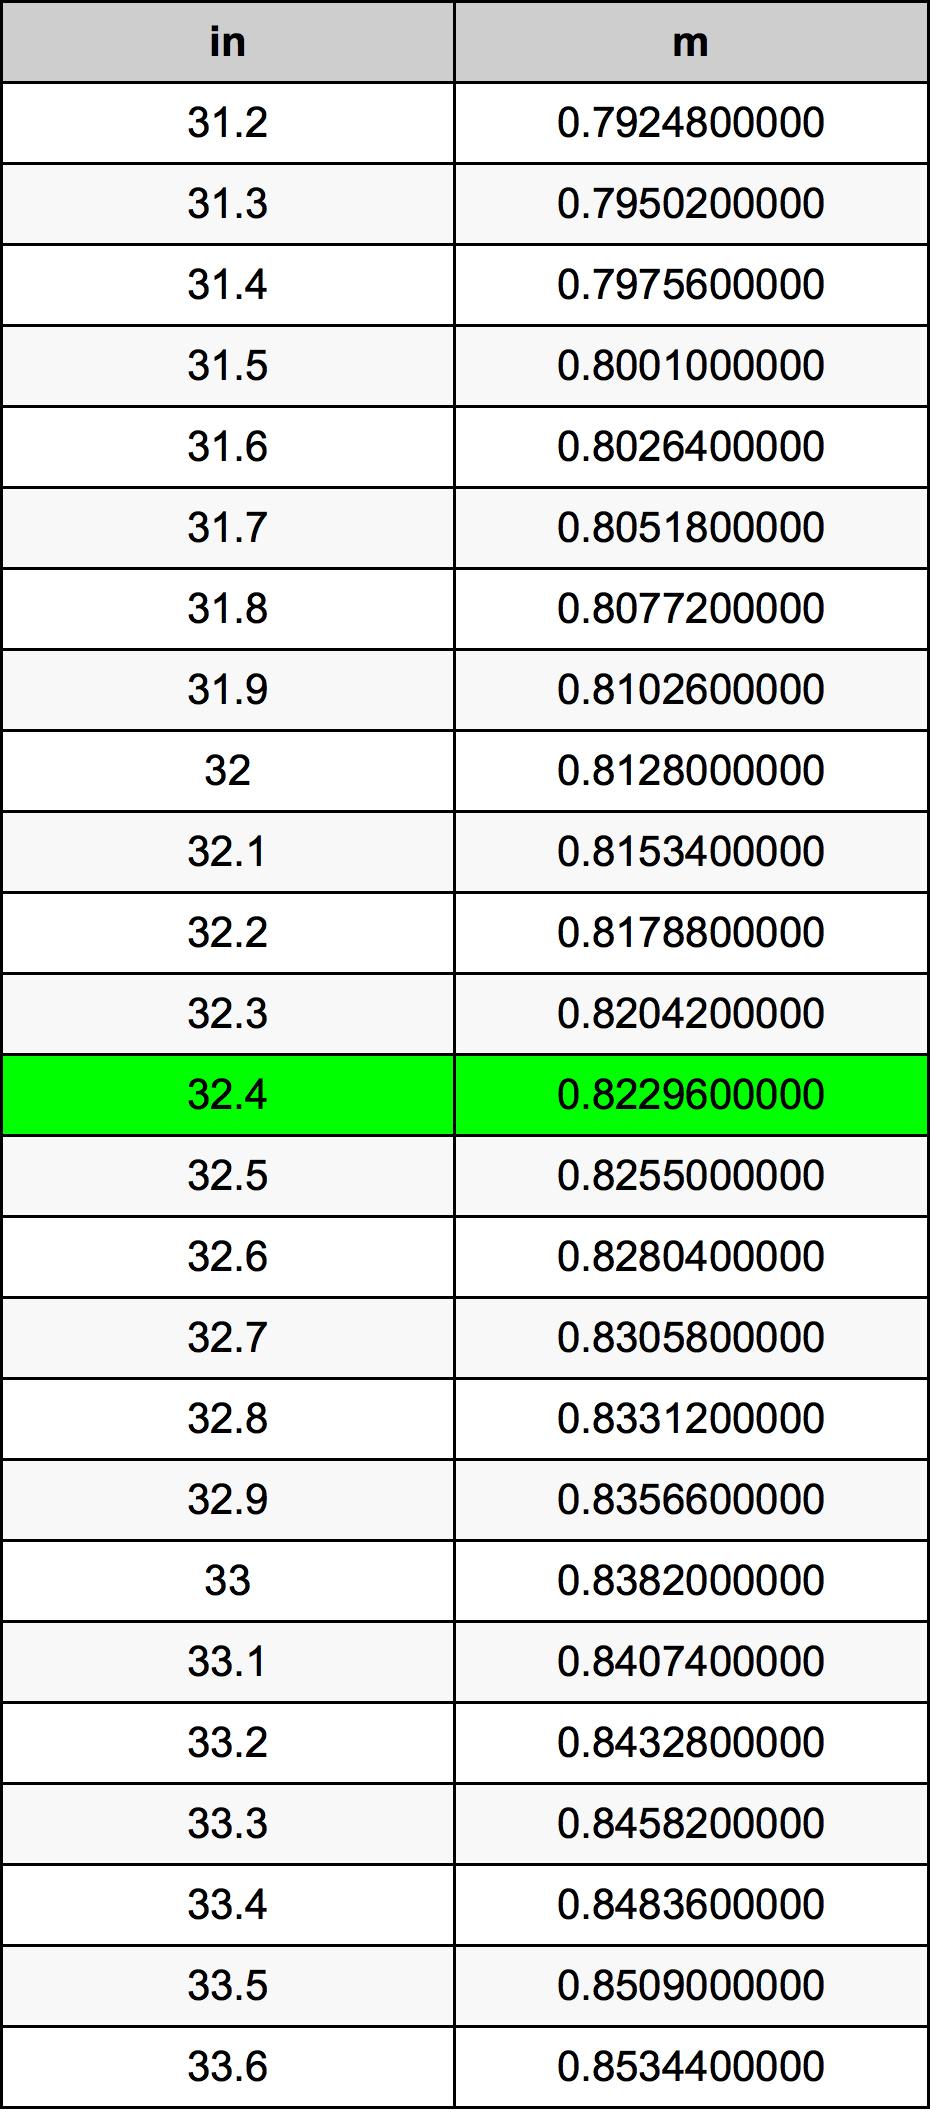 32.4 инч Таблица за преобразуване